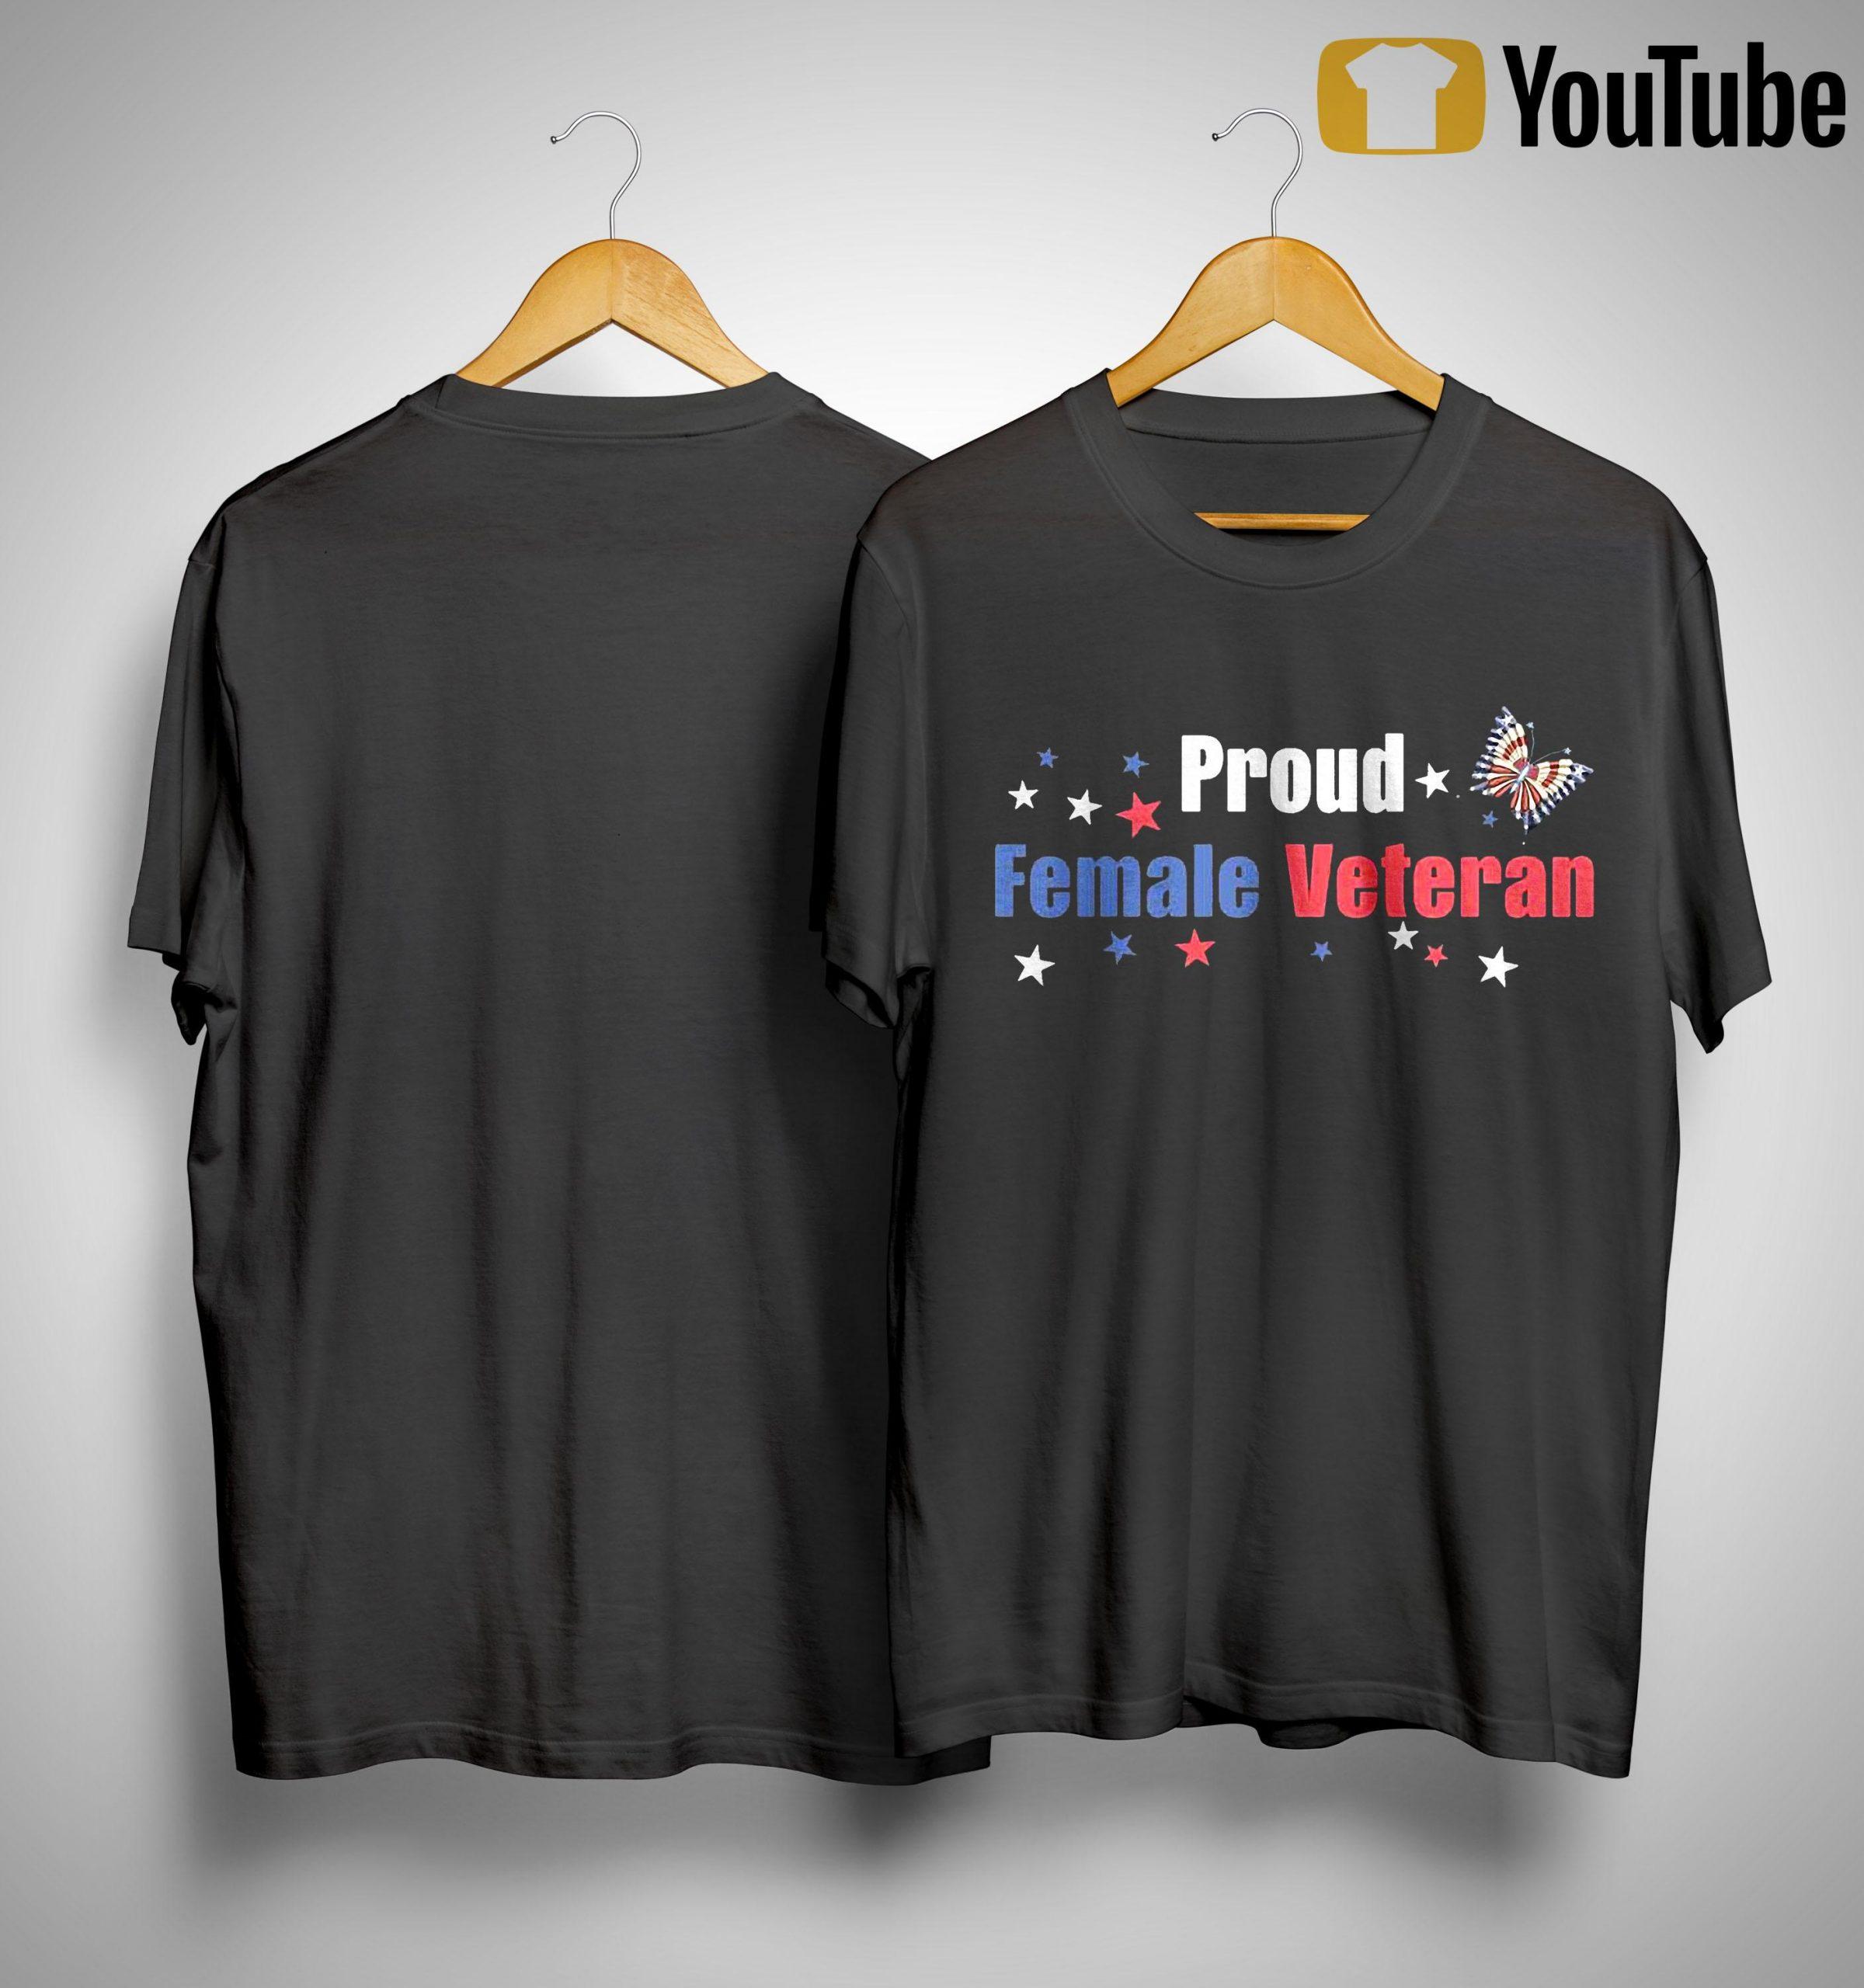 Proud Female Veteran Shirt